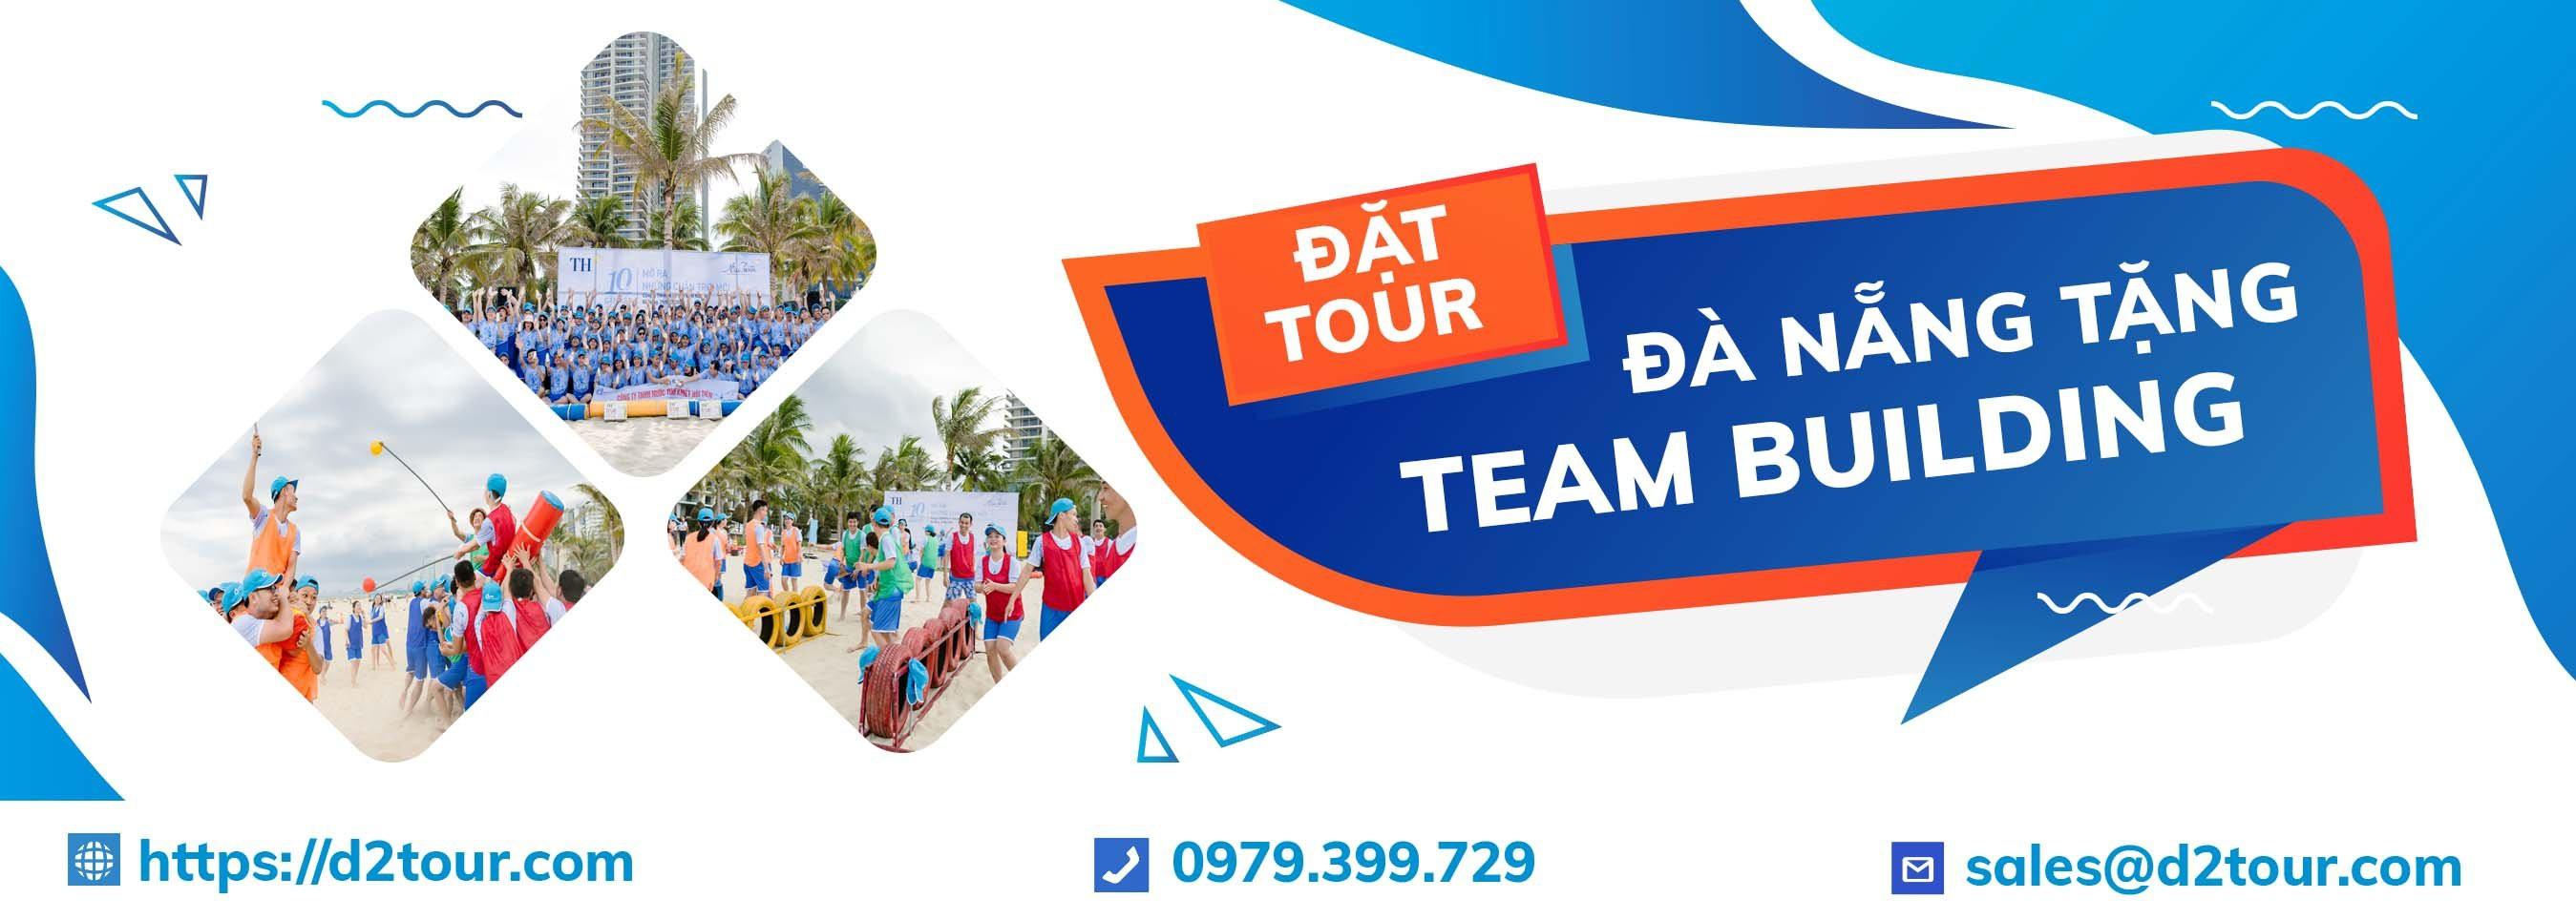 tour team building đà nẵng